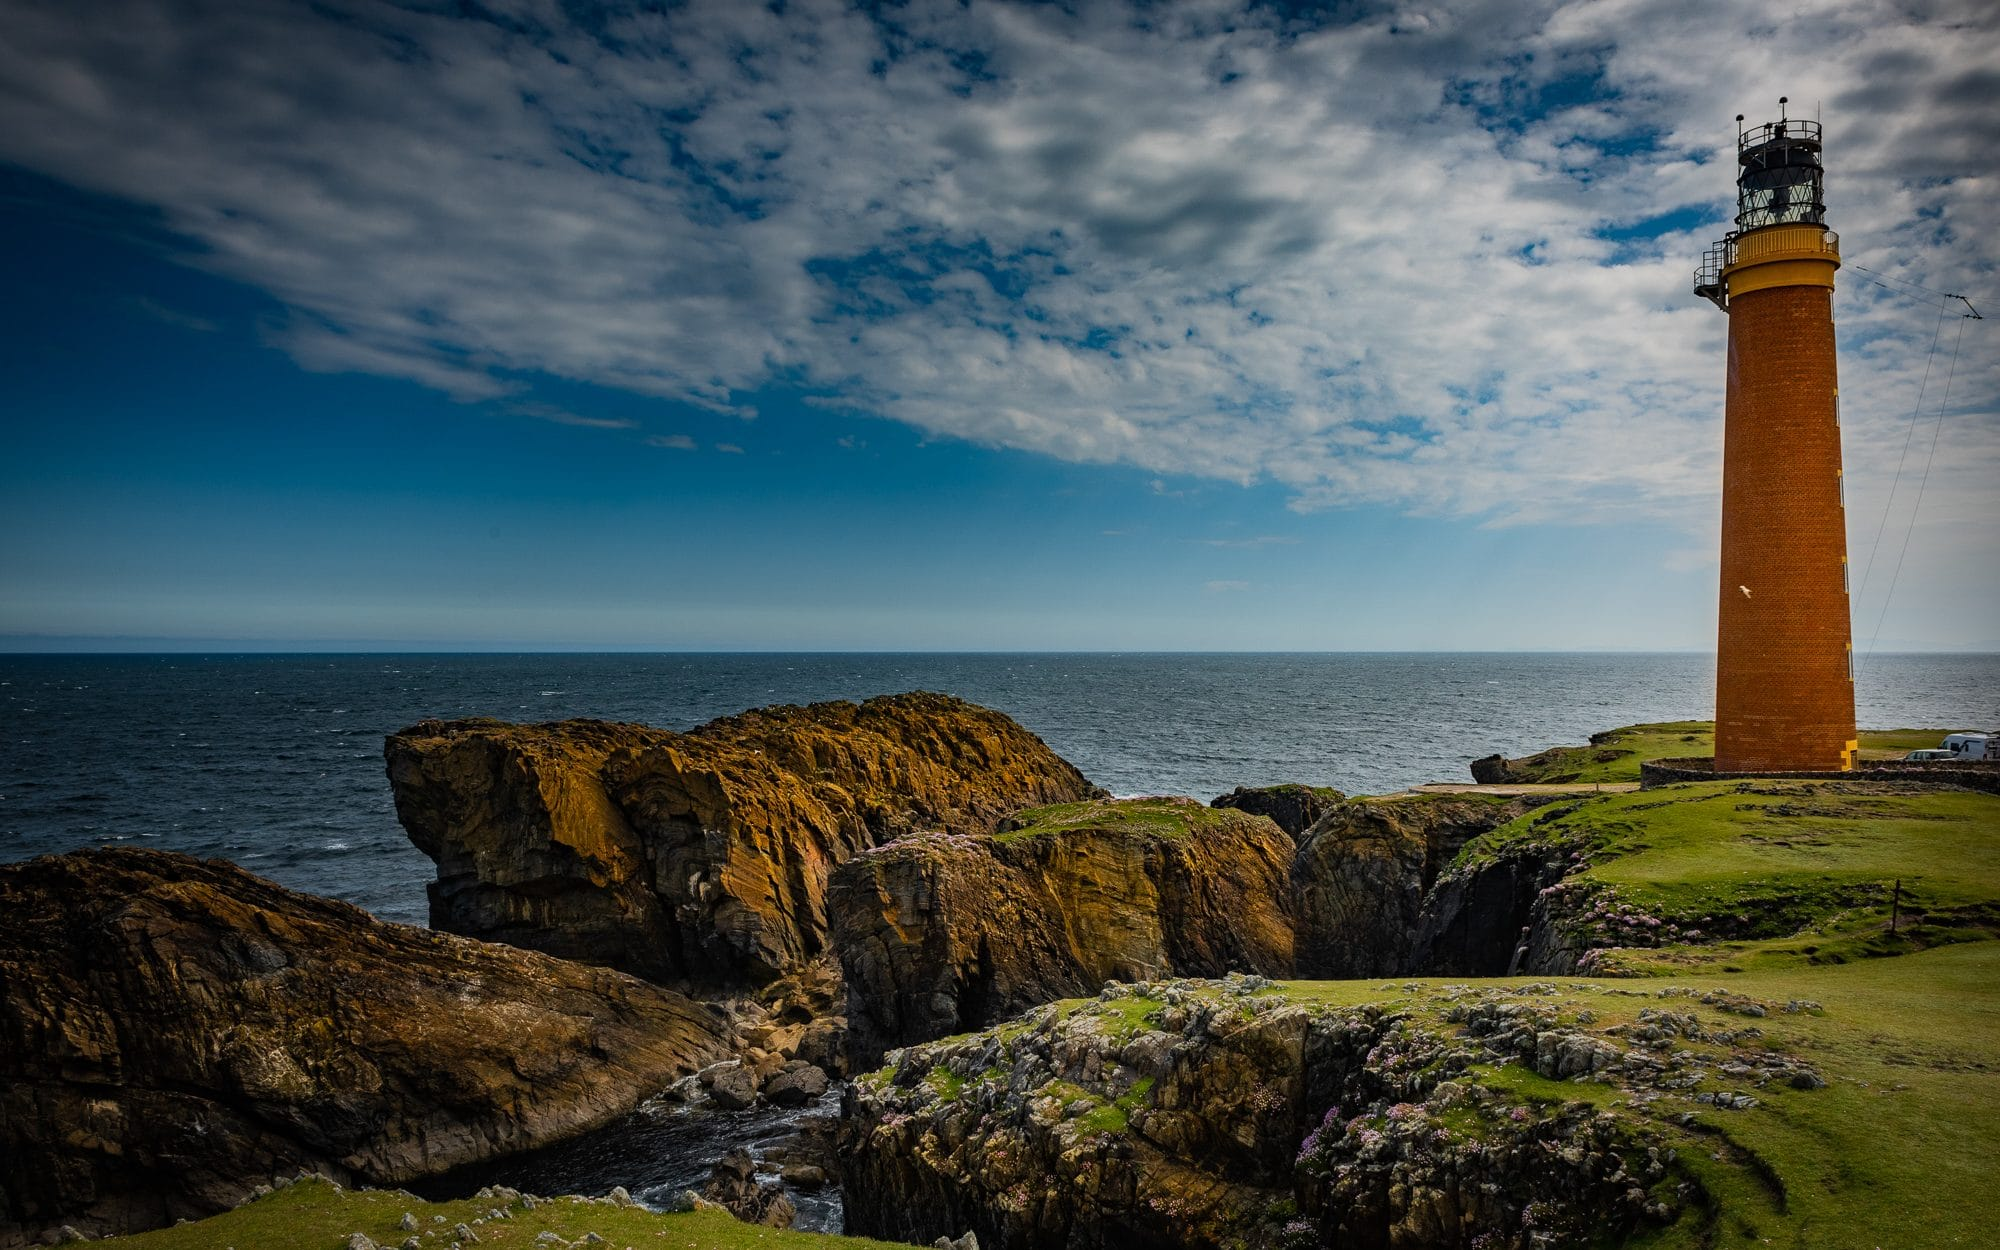 Le phare de Butt de l'île de Lewis